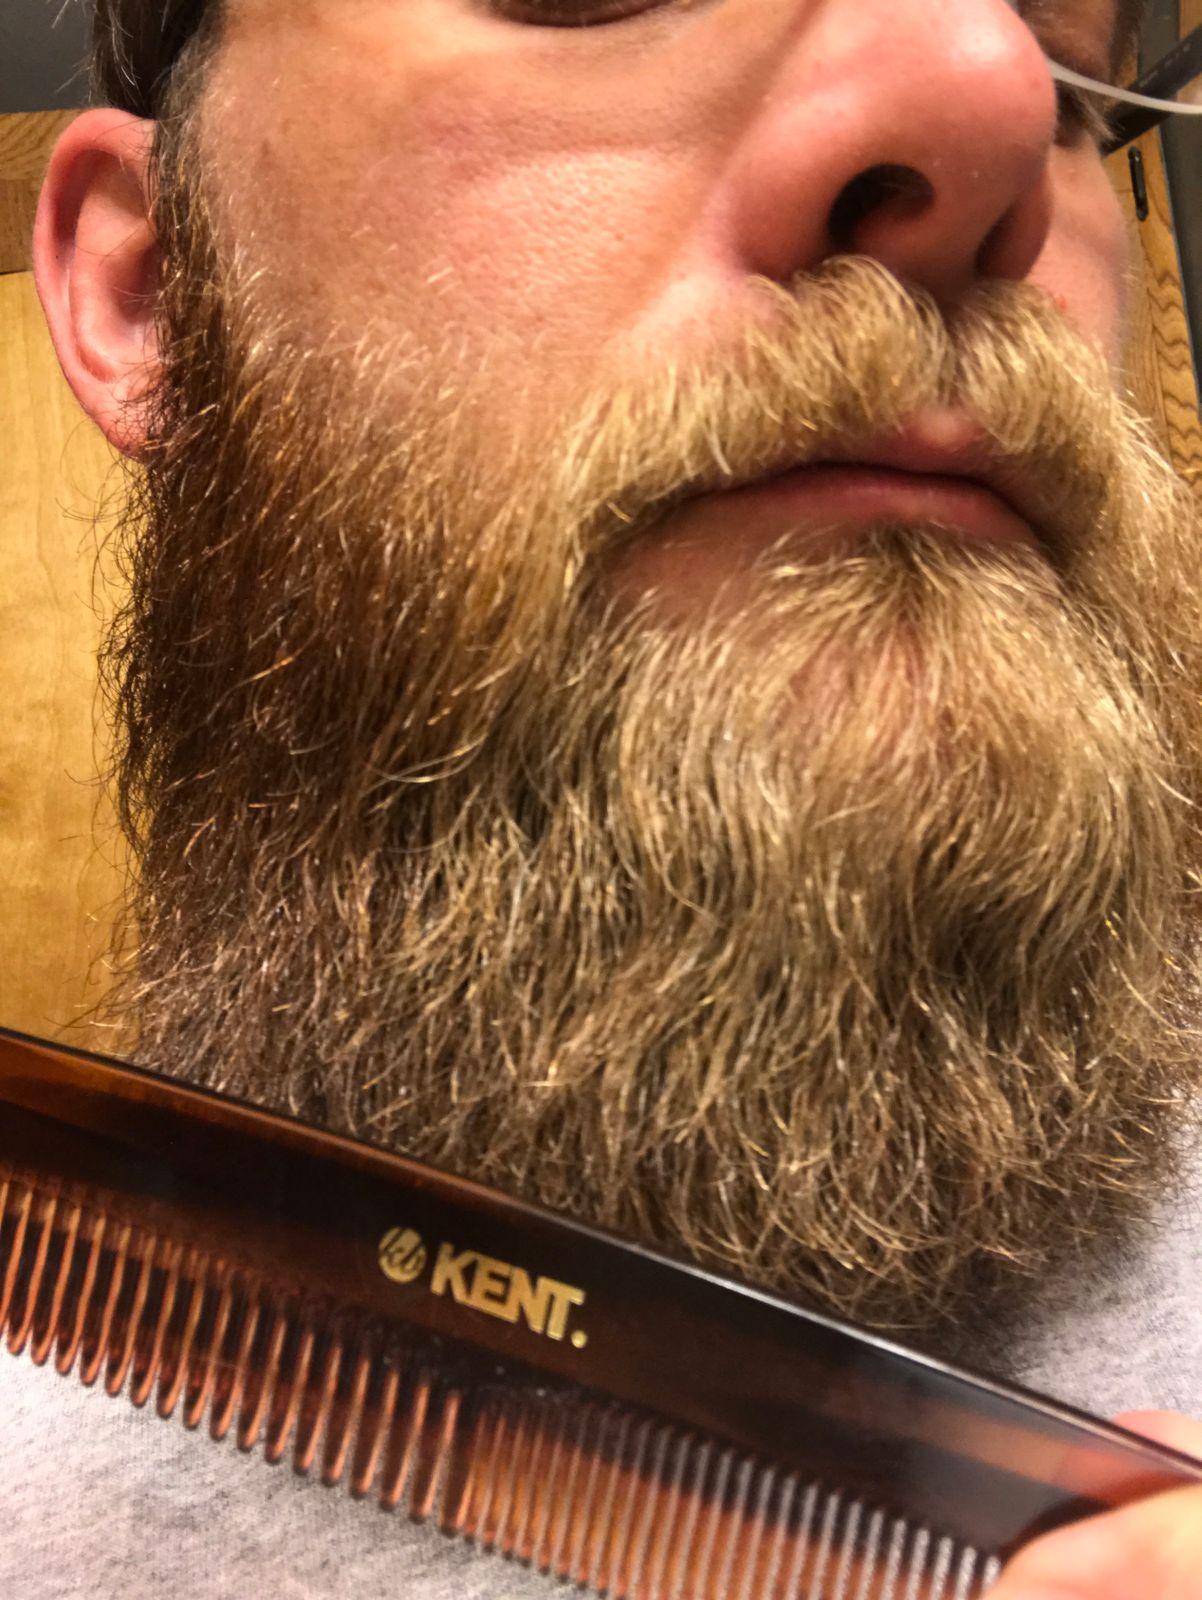 Kent Large Beard Comb